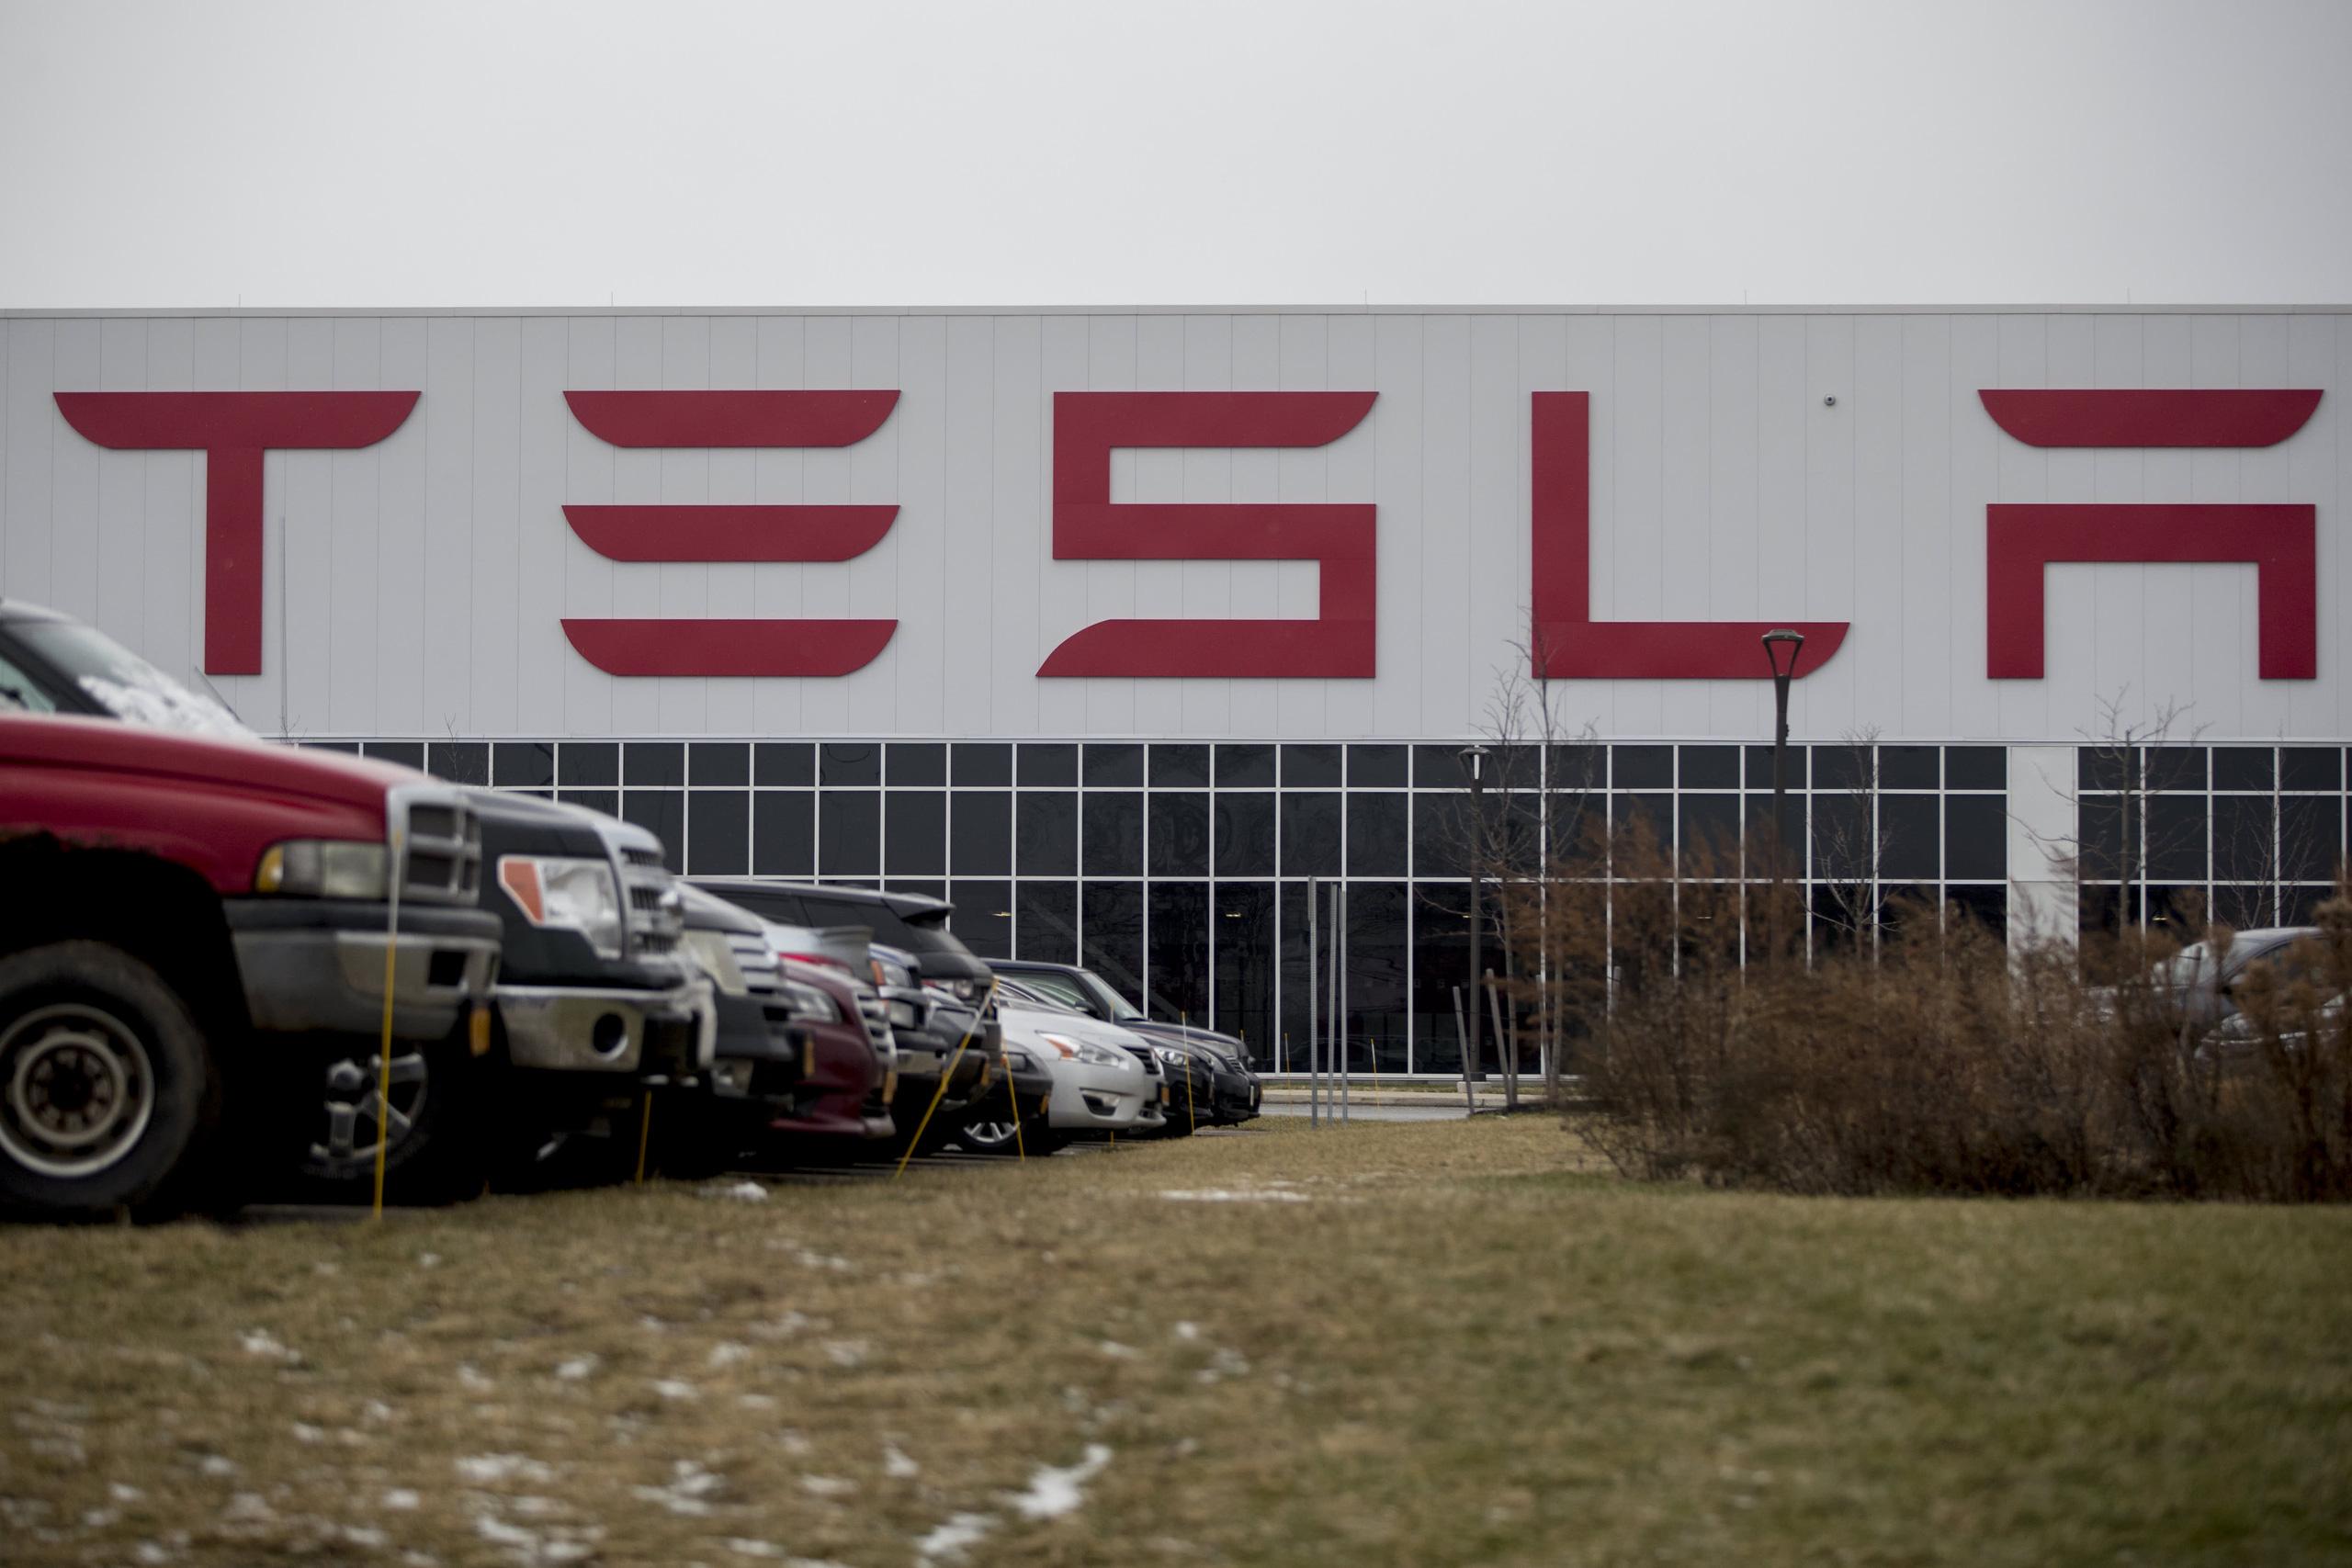 Thành triệu phú nhờ chỉ mua và giữ cổ phiếu Tesla - Ảnh 5.